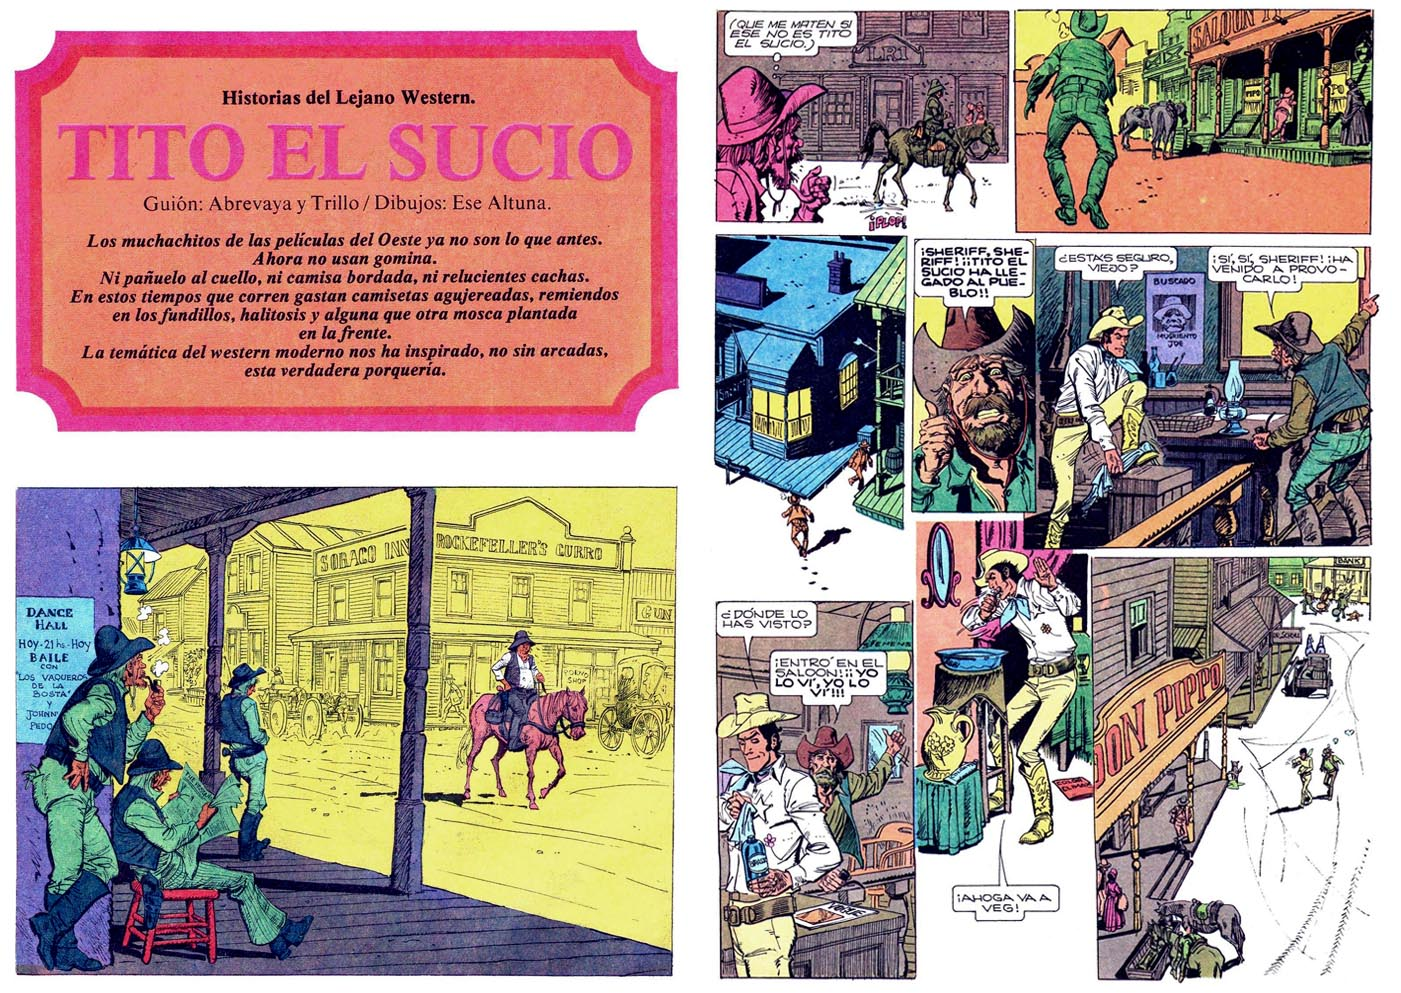 Horacio Altuna et Carlos Trillo (en collaboration avec Carlos Abrevaya) dans Satiricón, en 1974.